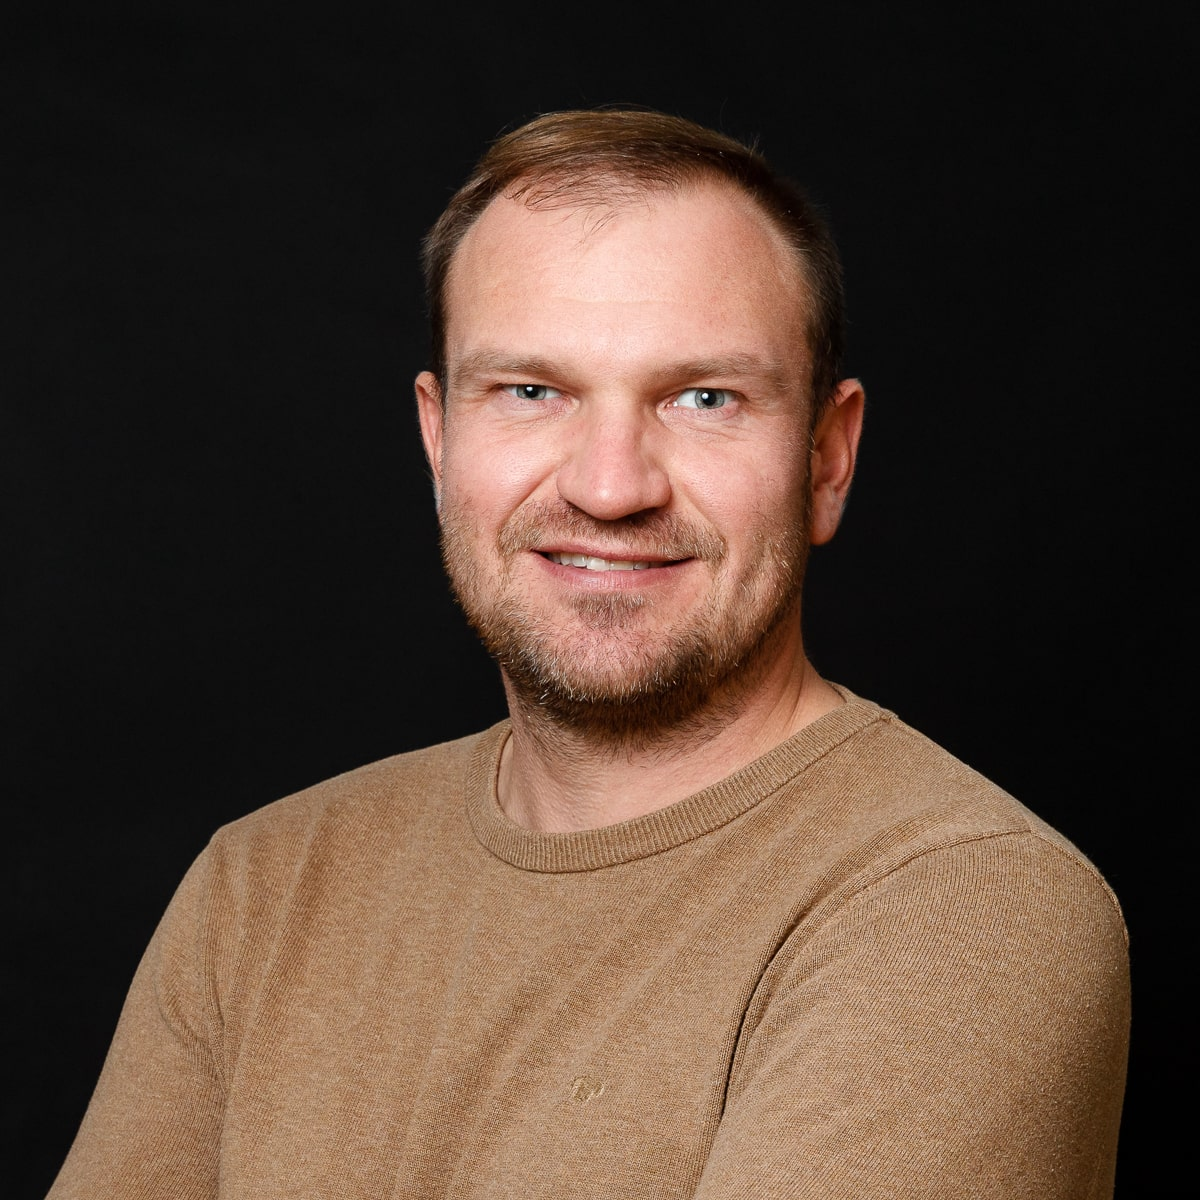 Rasmus Urb